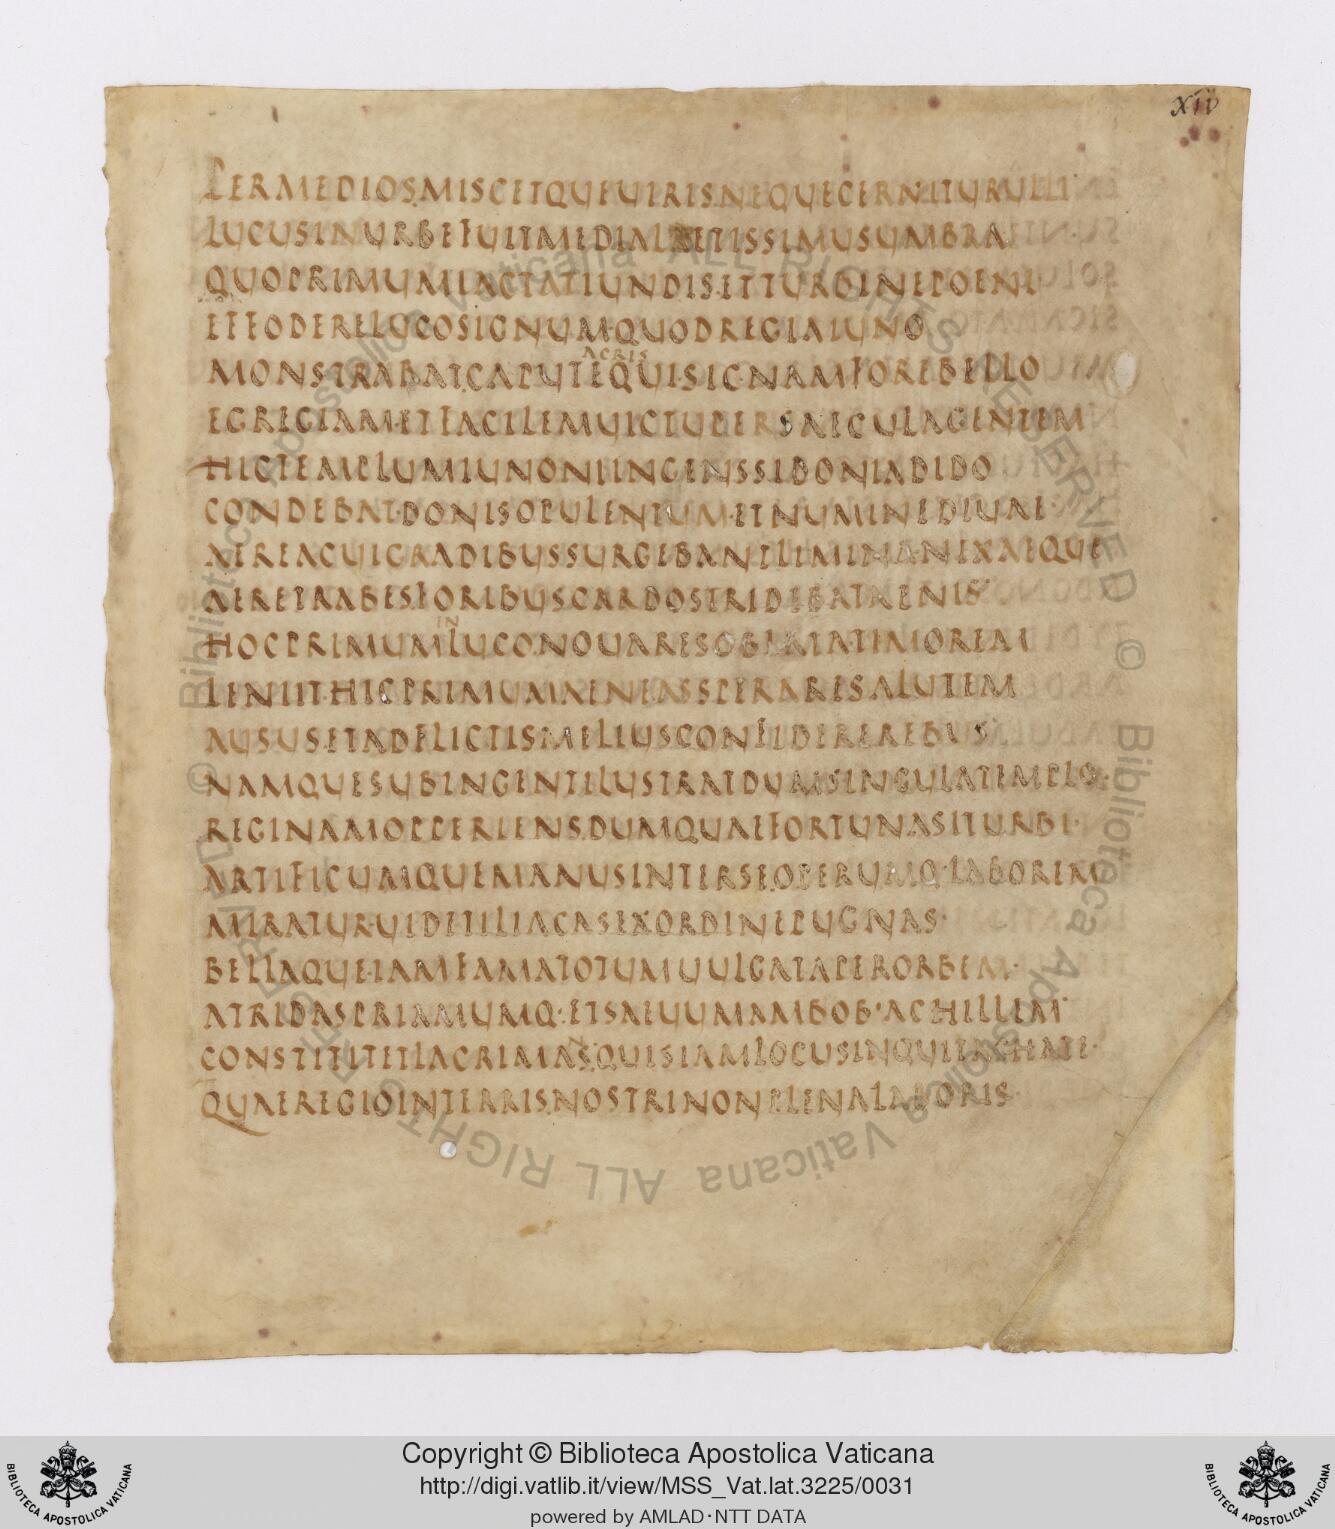 Virgilio escribió originalmente ambos poemas entre los años 29 y 19 antes de Cristo. El manuscrito conservado en la biblioteca Vaticana, que alguna vez probablemente contenía la totalidad de la obra canónica de Virgilio, fue escrito varios siglos más tarde.